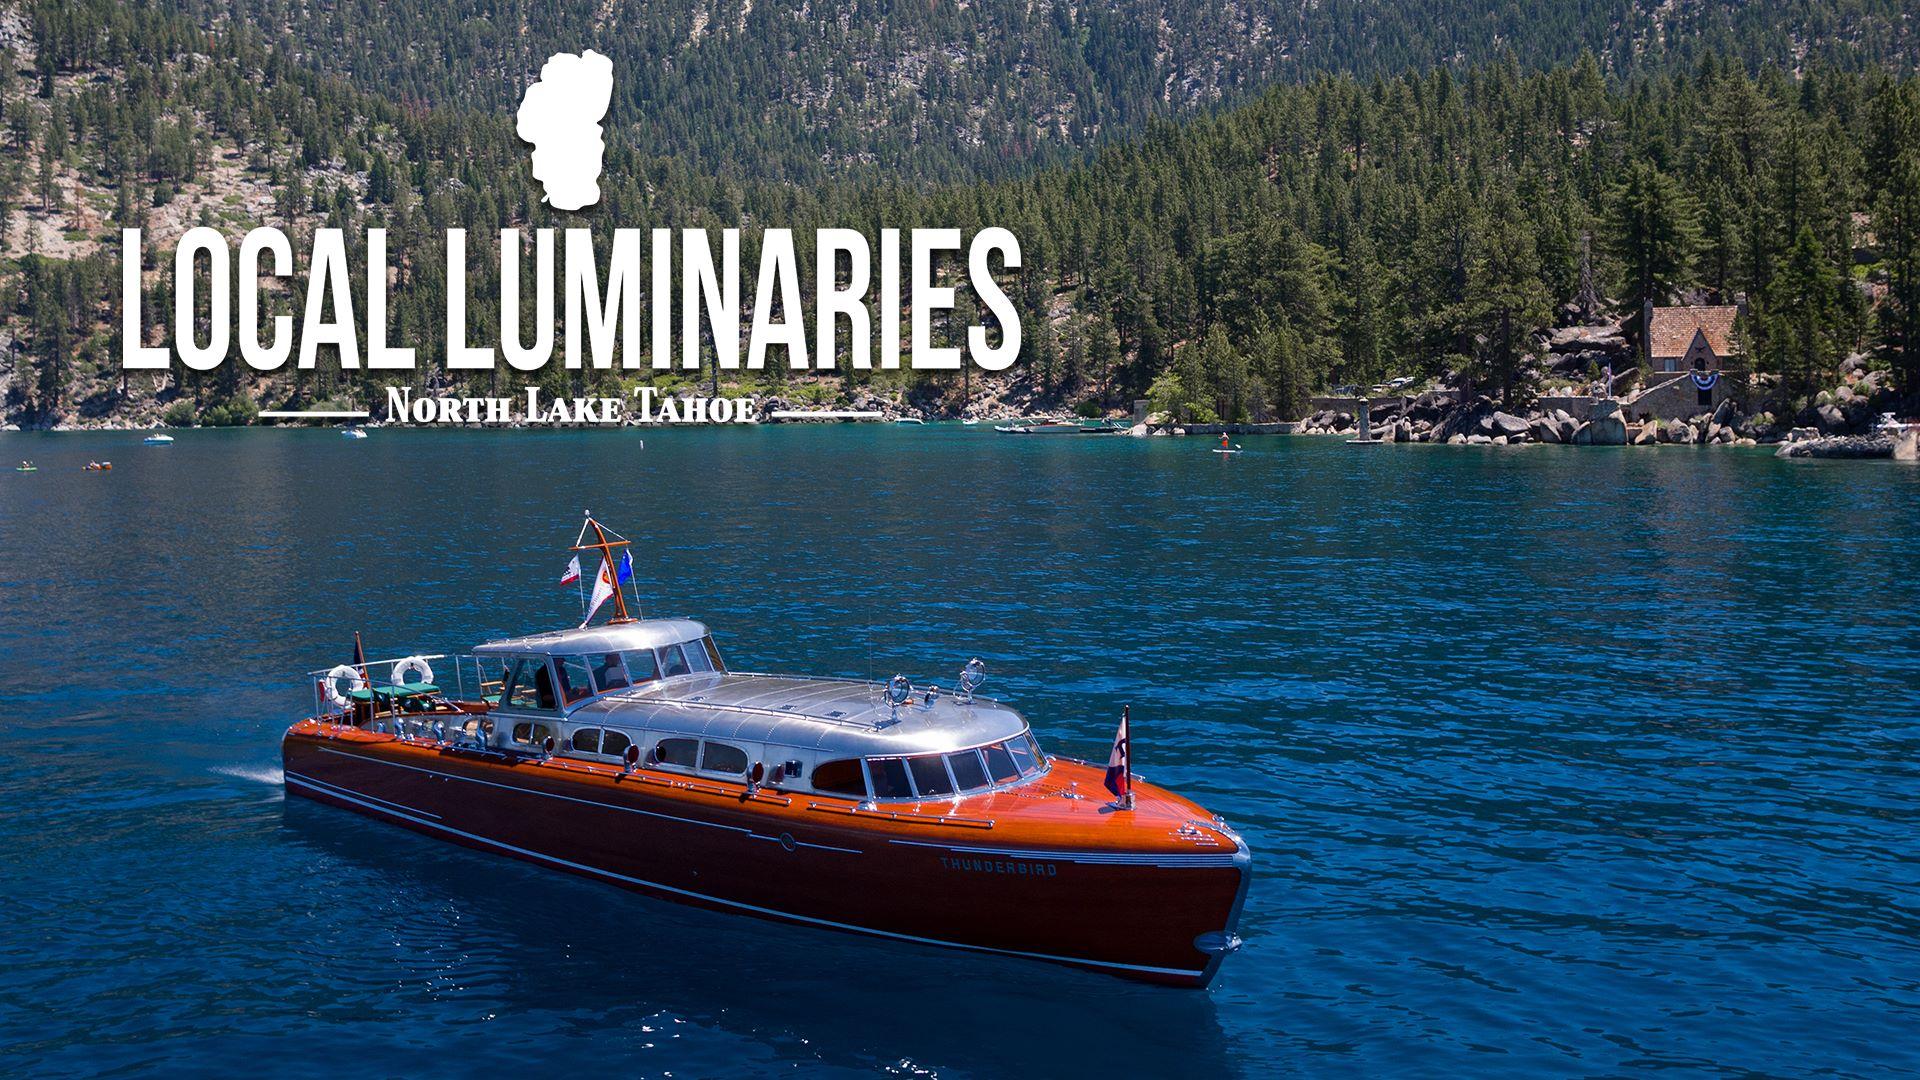 Local Luminaries - Bill Watson - Thunderbird Lodge